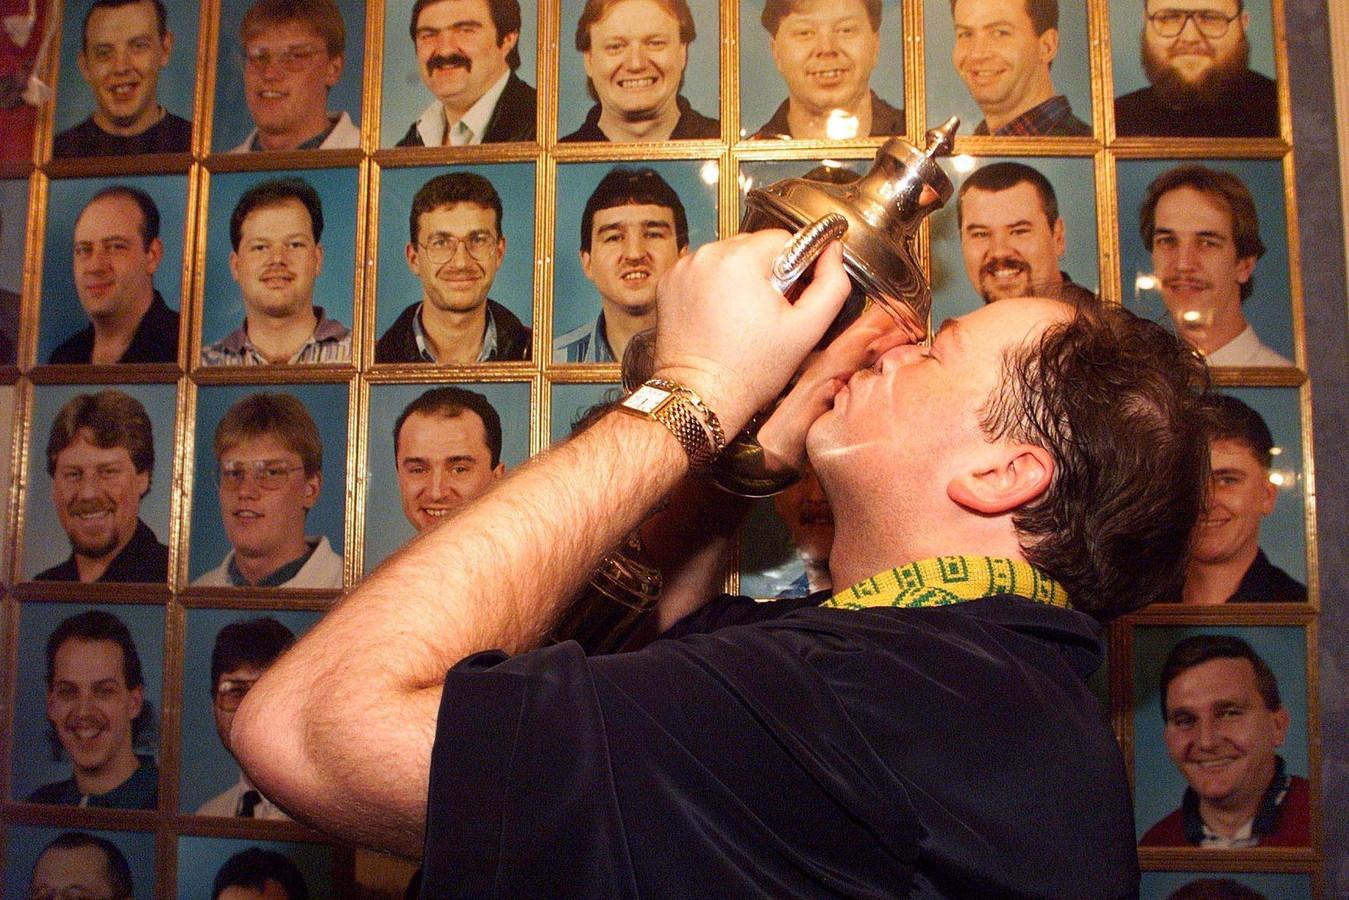 1999: Raymond van Barneveld wint het WK in Frimley Green en kust de trofee. Op de achtergrond de Hall of Fame, met de portretten van de winnaars van het Embassy World Darts door de jaren heen.